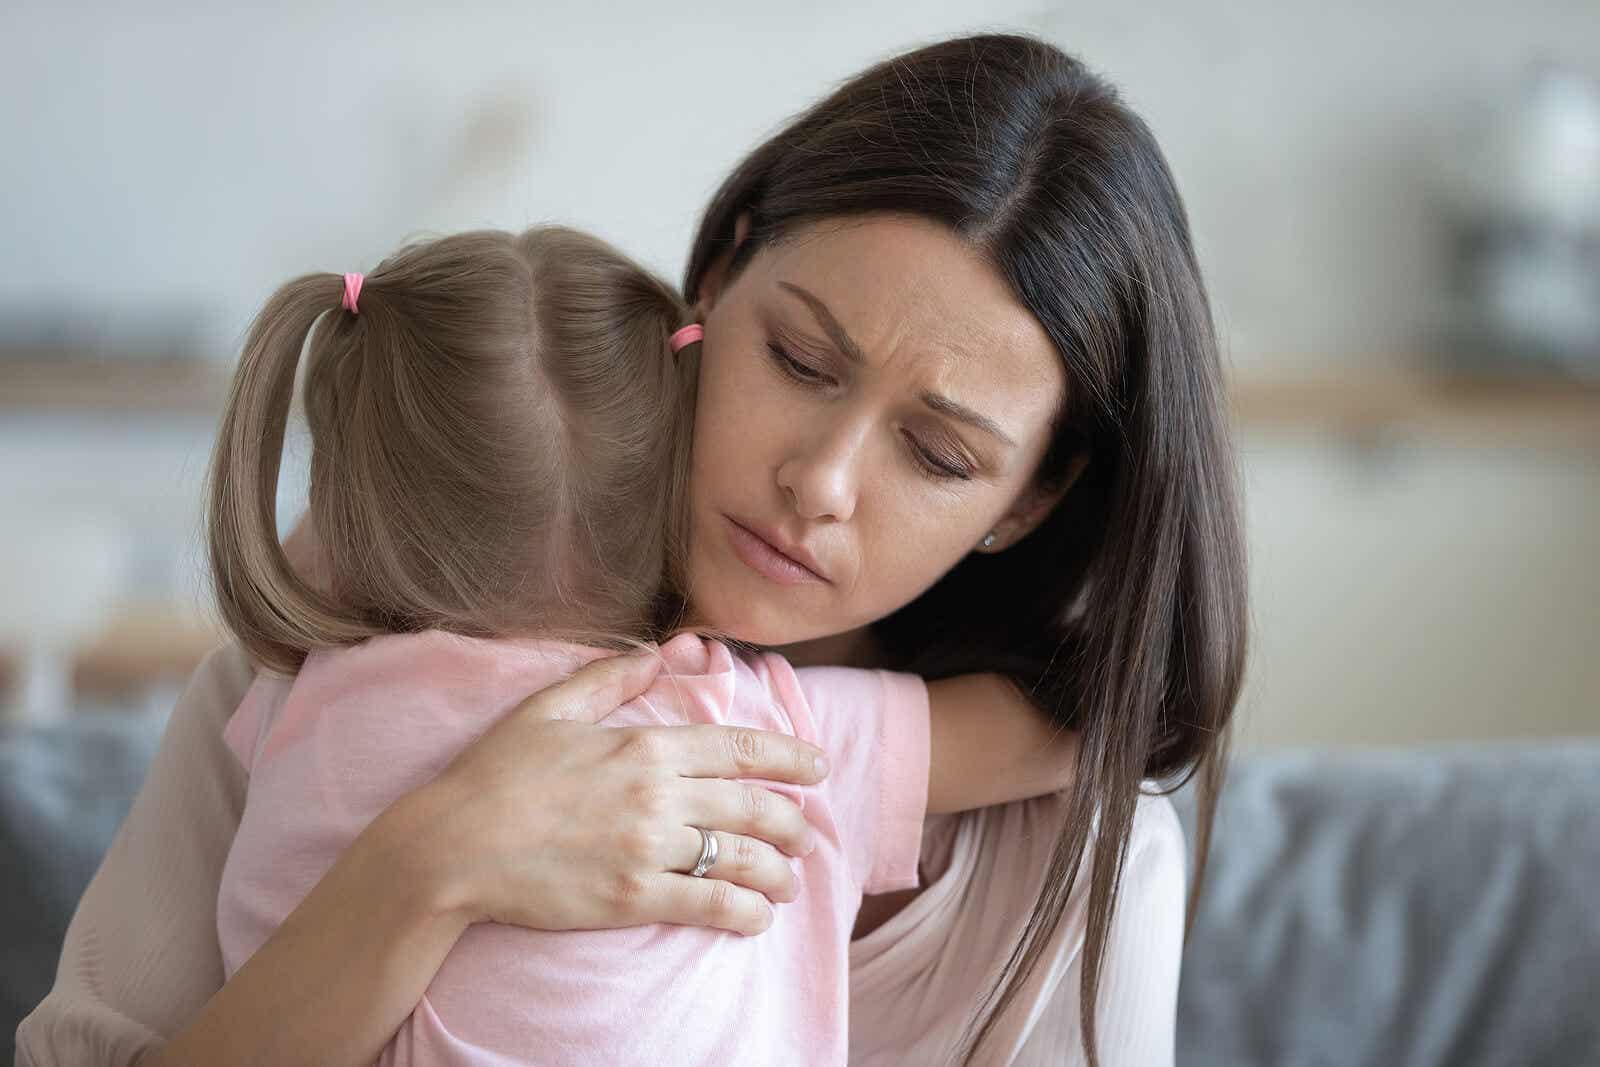 En mor som trøstet den unge datteren med en klem.